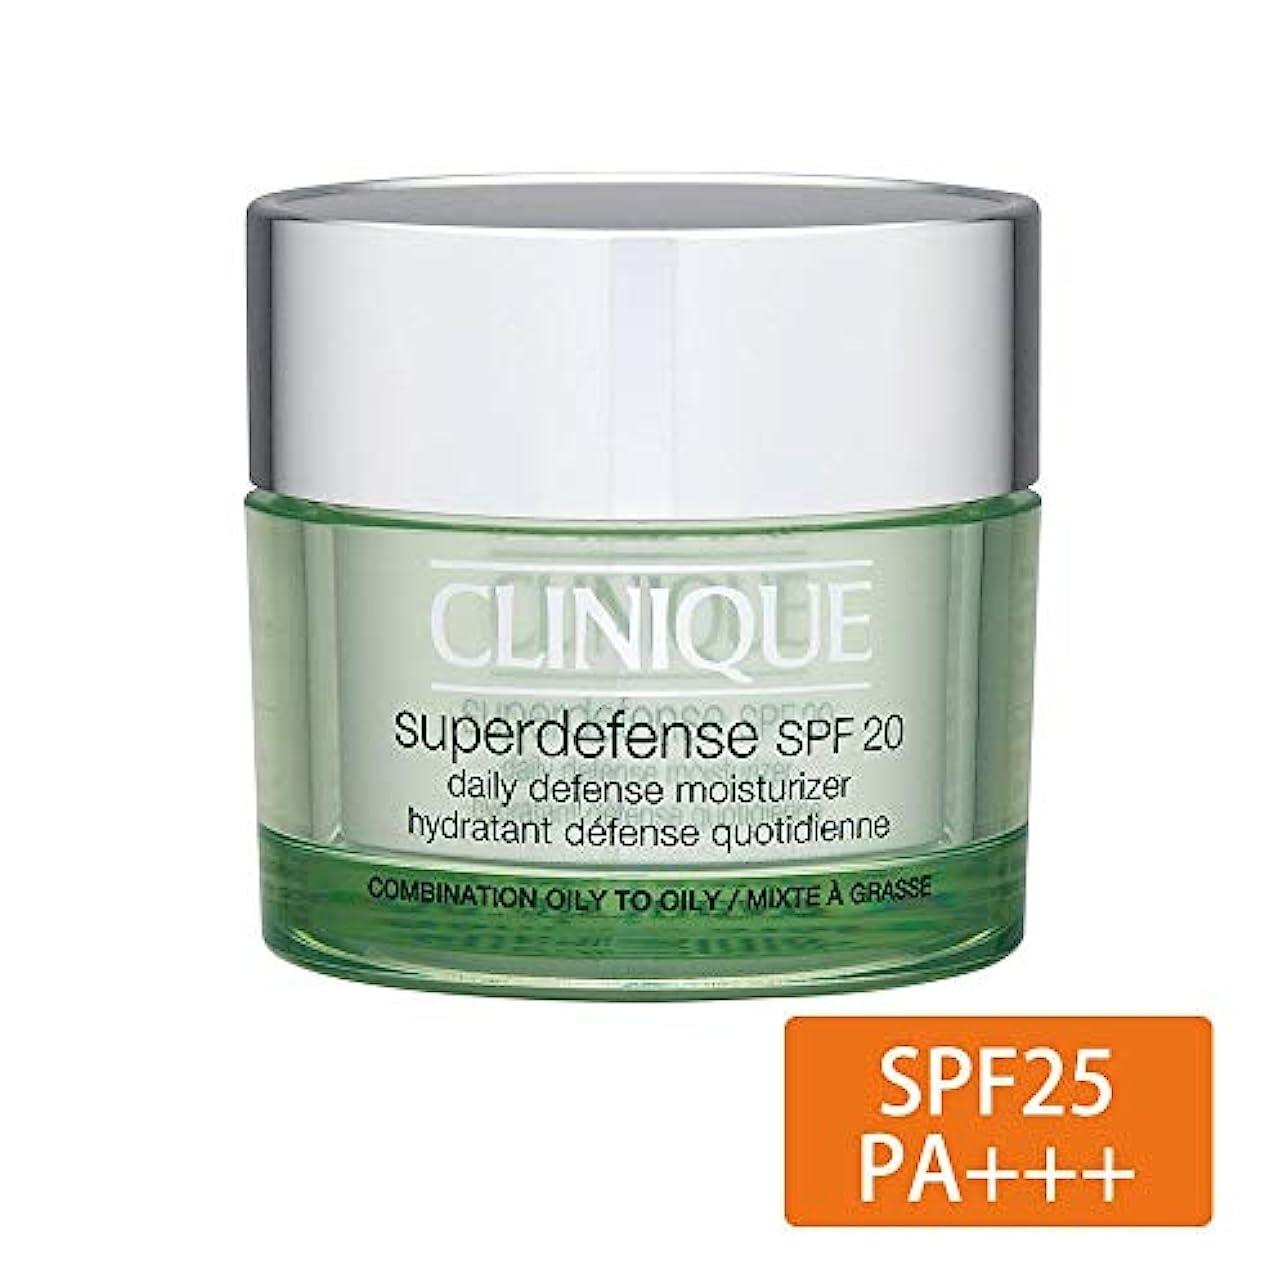 証拠場所咳クリニーク(Clinique) SP ディフェンス モイスチャライザー 25 (CO/O スキンタイプ3?4) <ビッグサイズ> 50ml [並行輸入品]